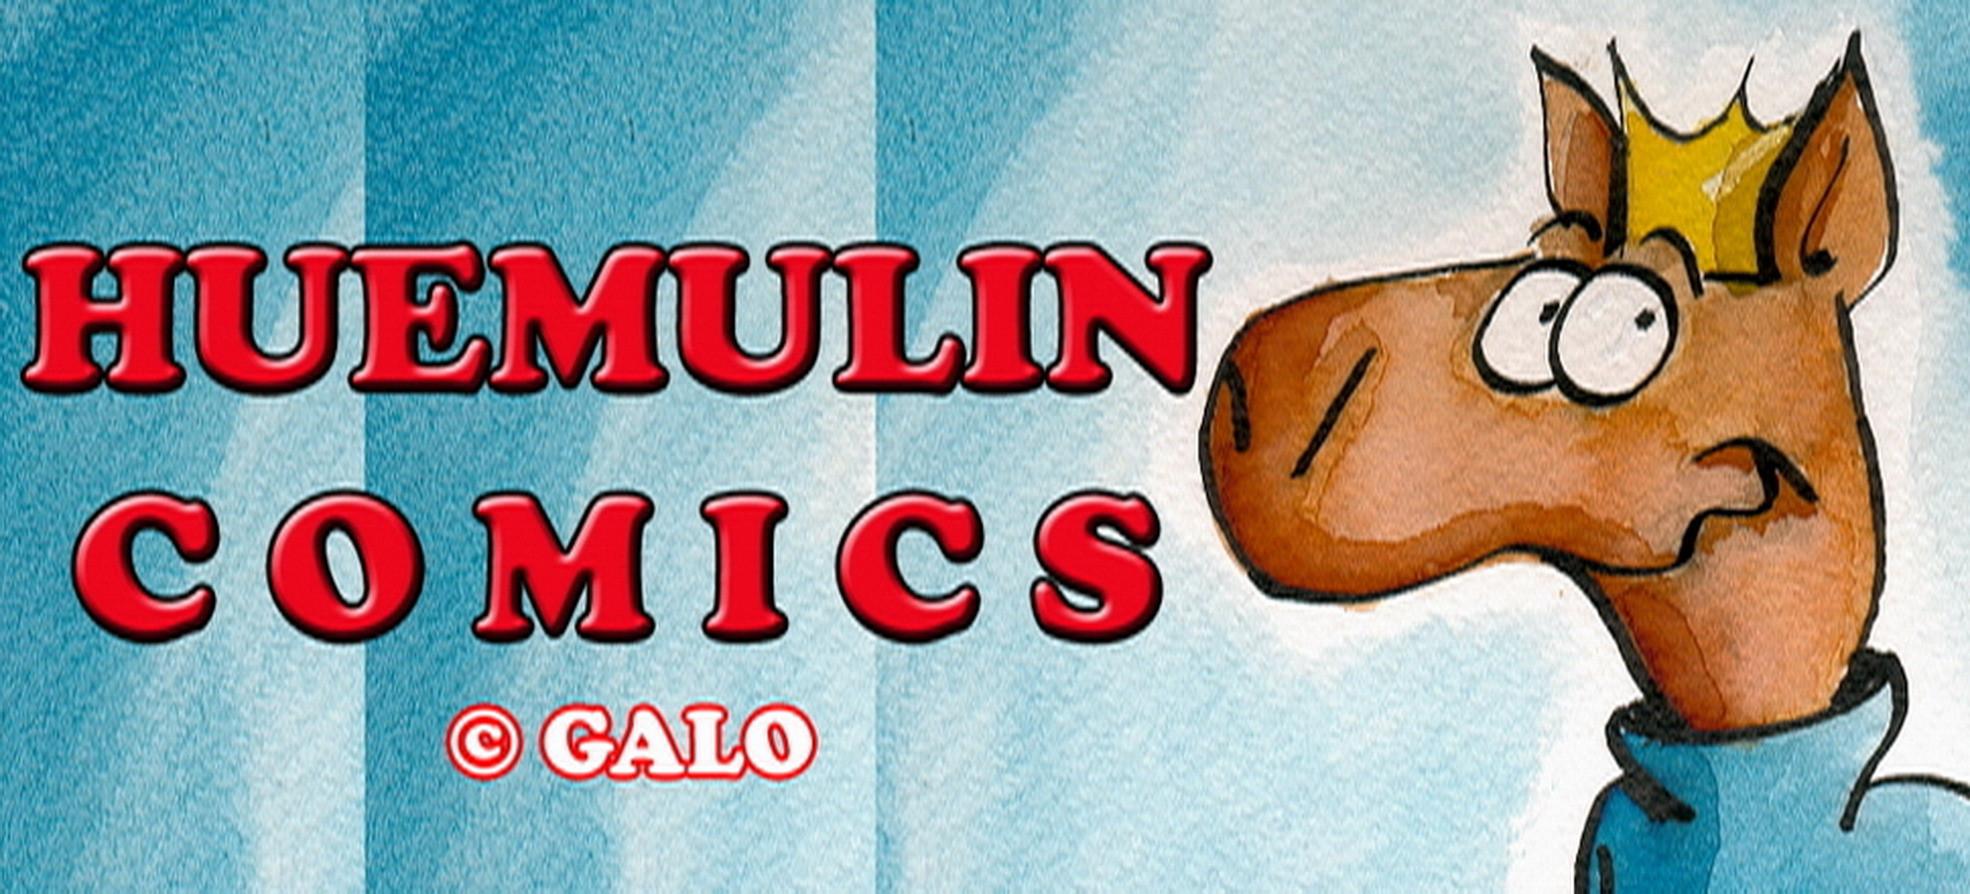 Banner HUEMULIN COMICS